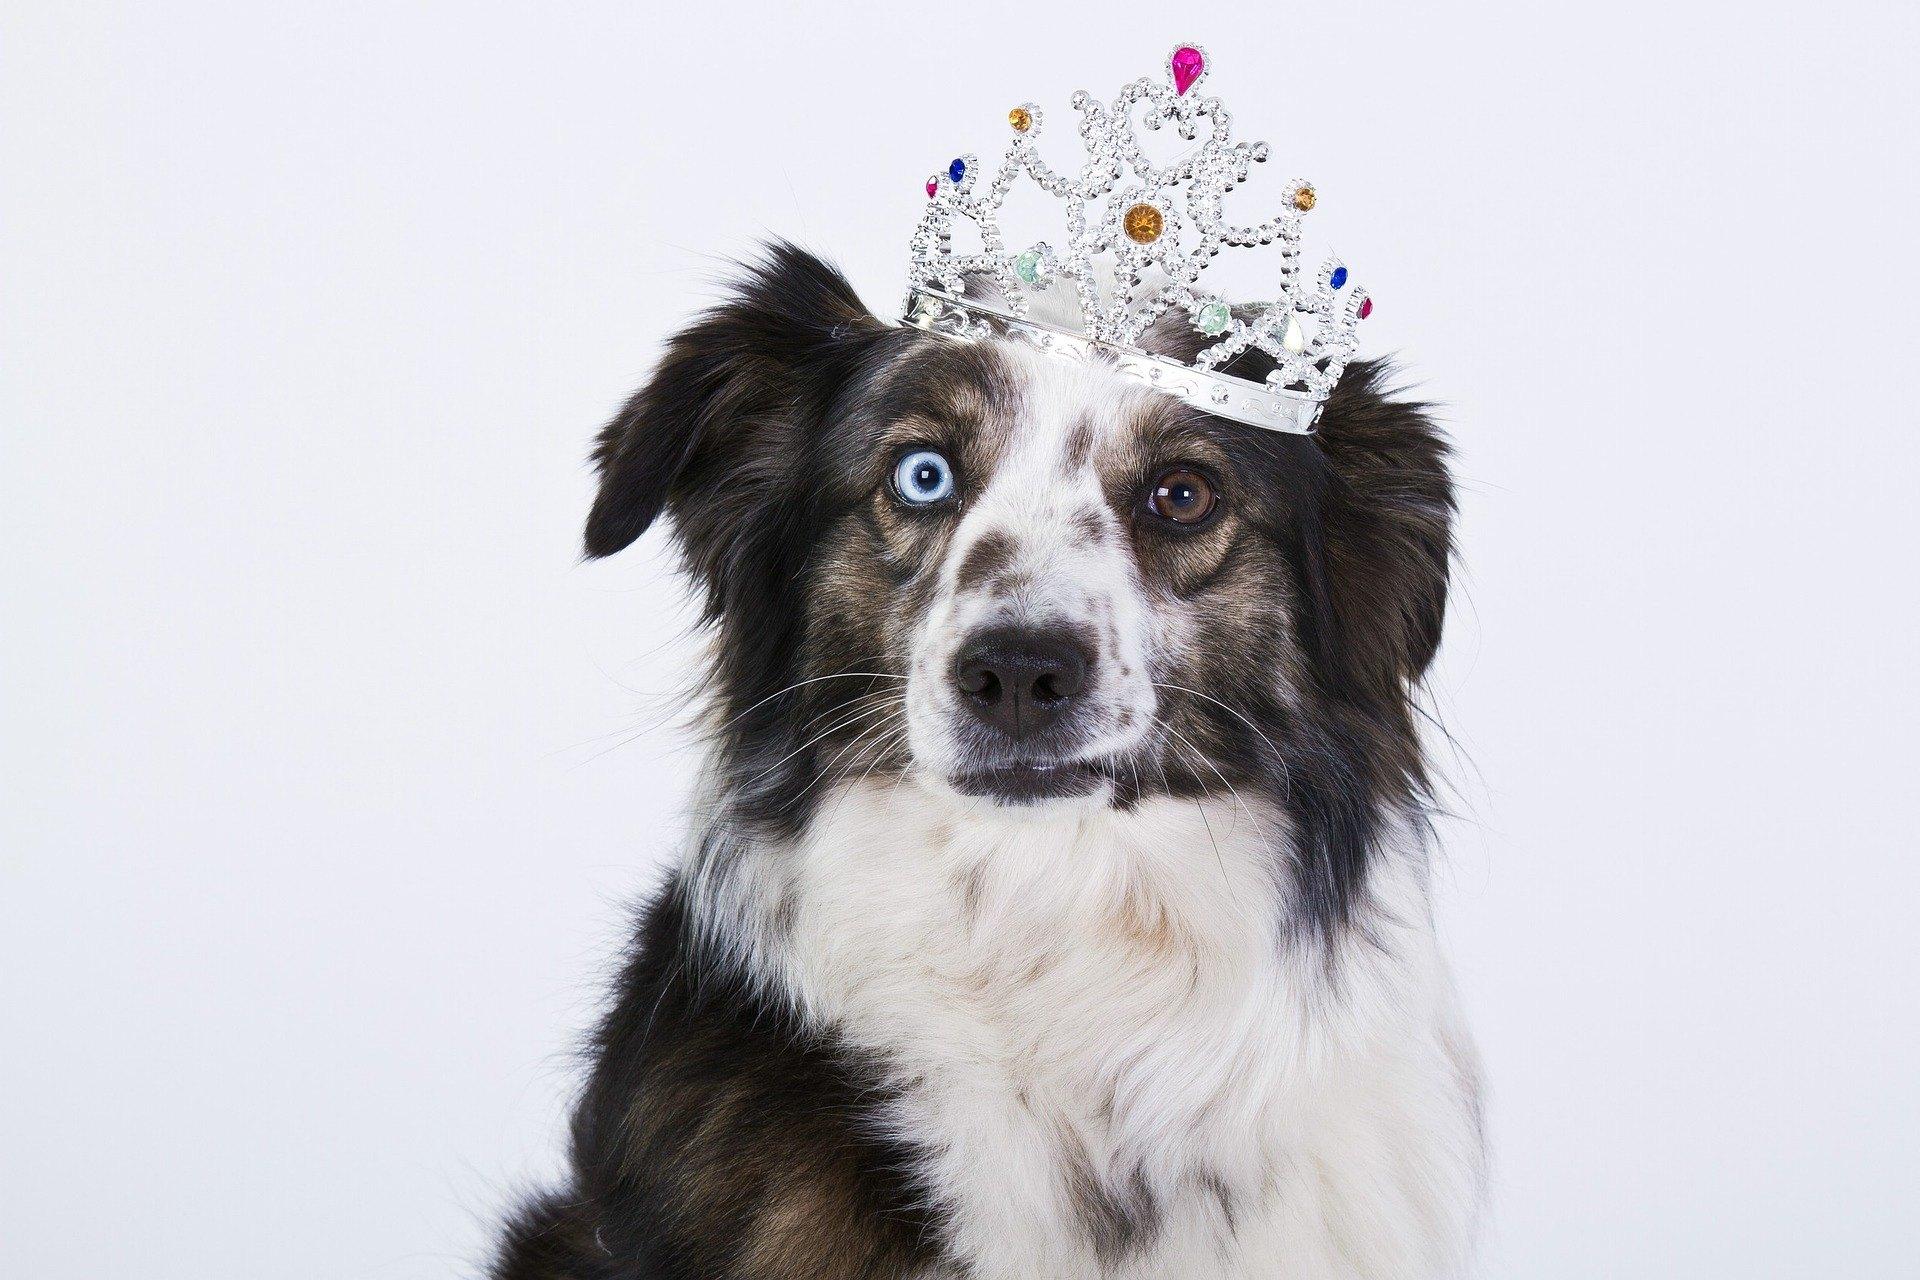 Zánět spojivek u psů je běžným problémem. Projevuje se mimo jiné silné slzení, hyperemie a otok spojivky.